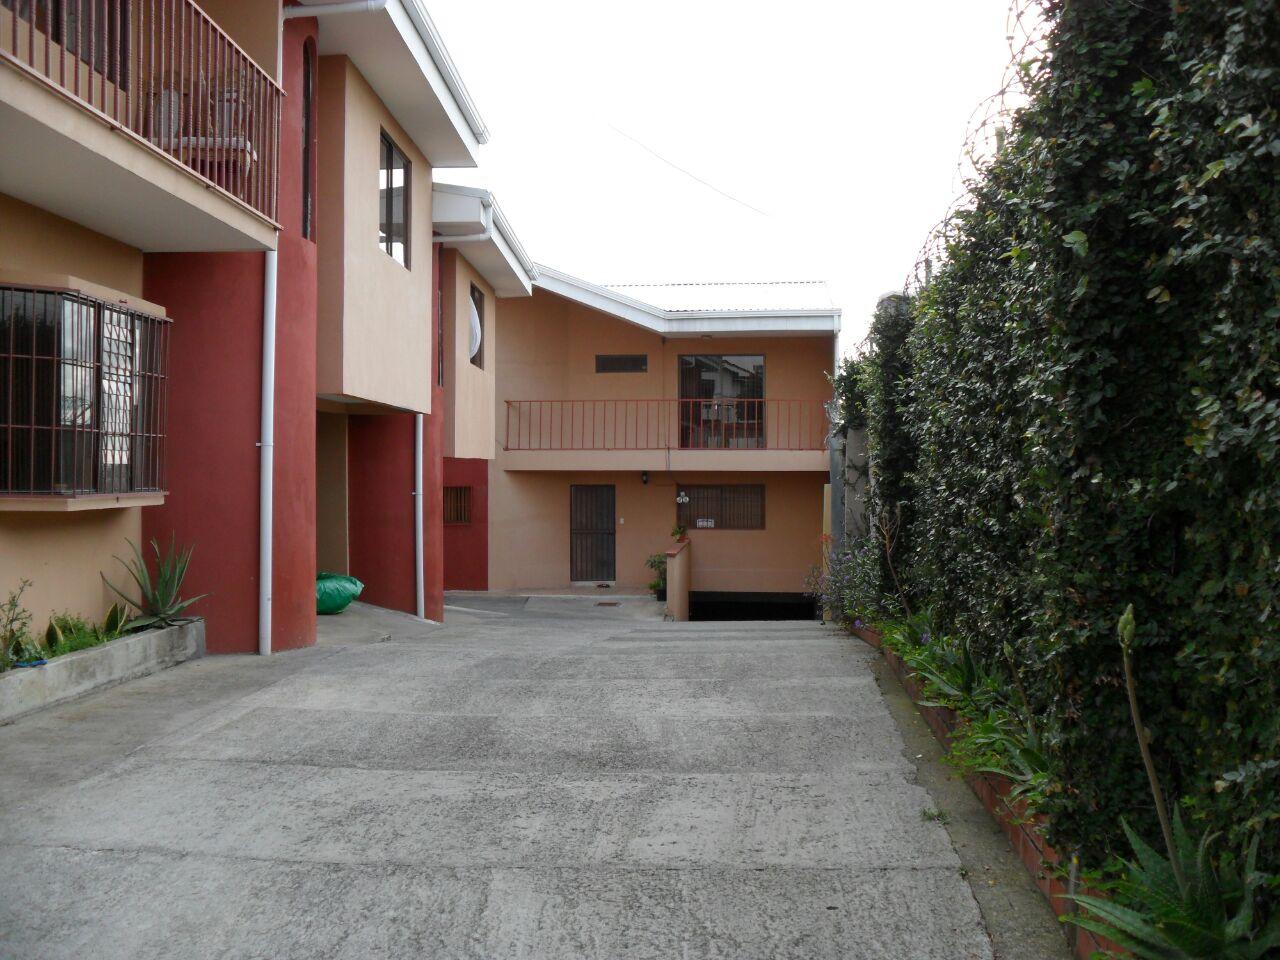 #2179 Alquilo amplio apartamento en La Uruca